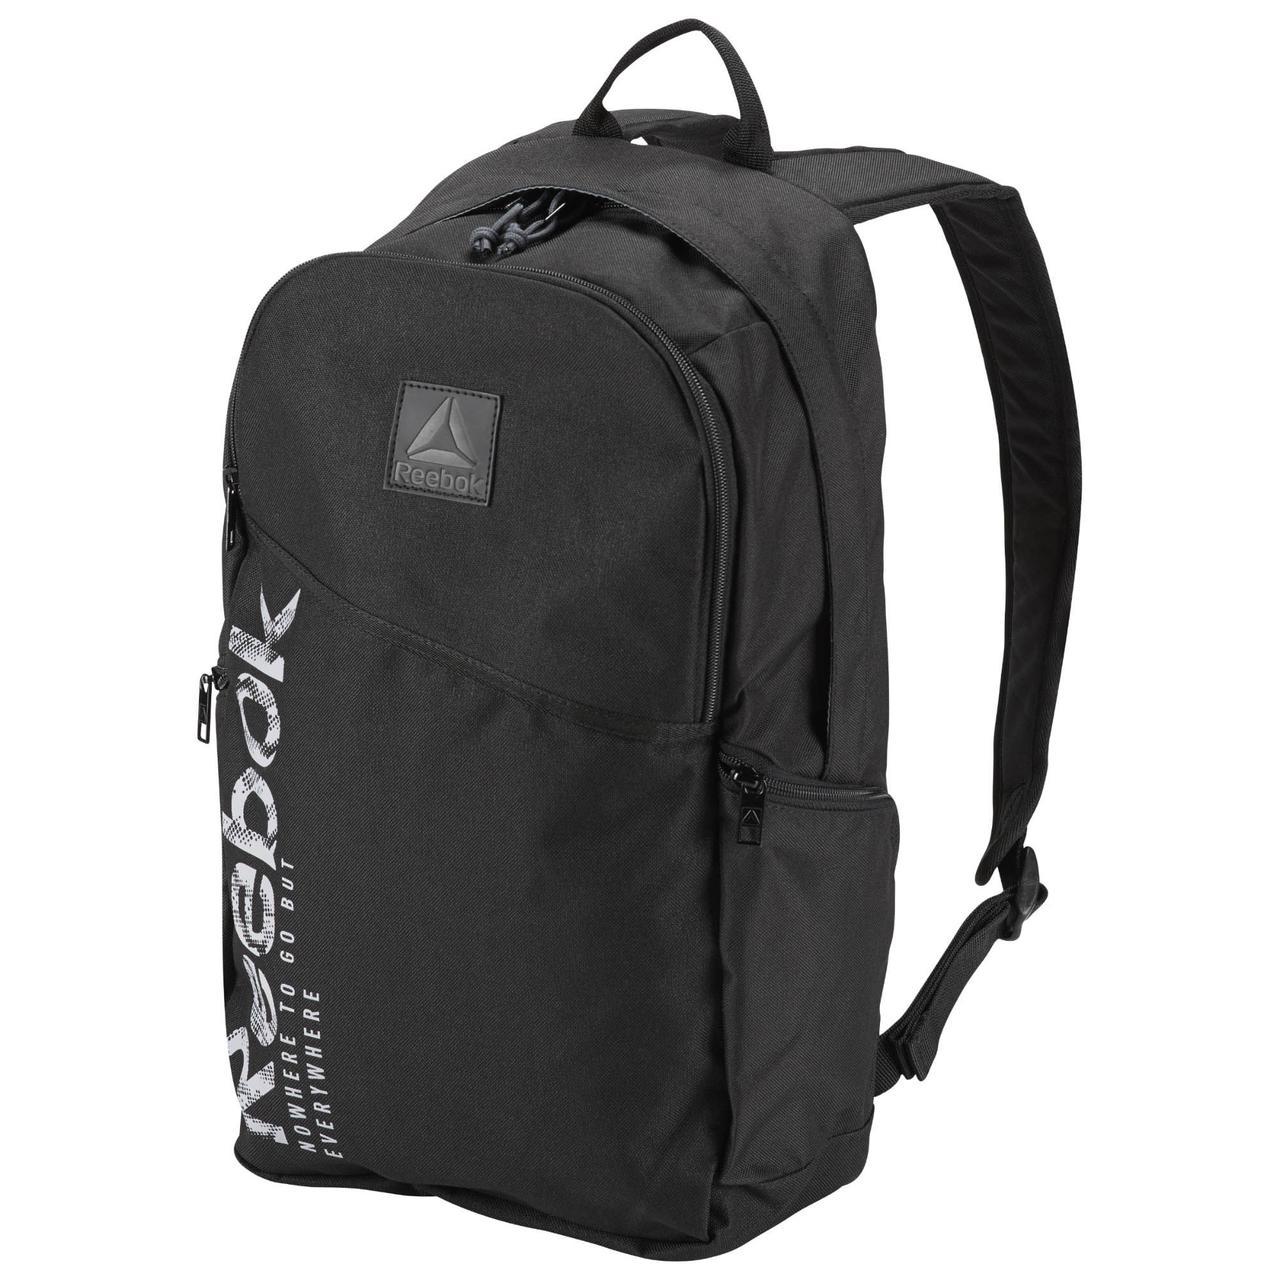 Reebok рюкзак цены рюкзак ogio rss